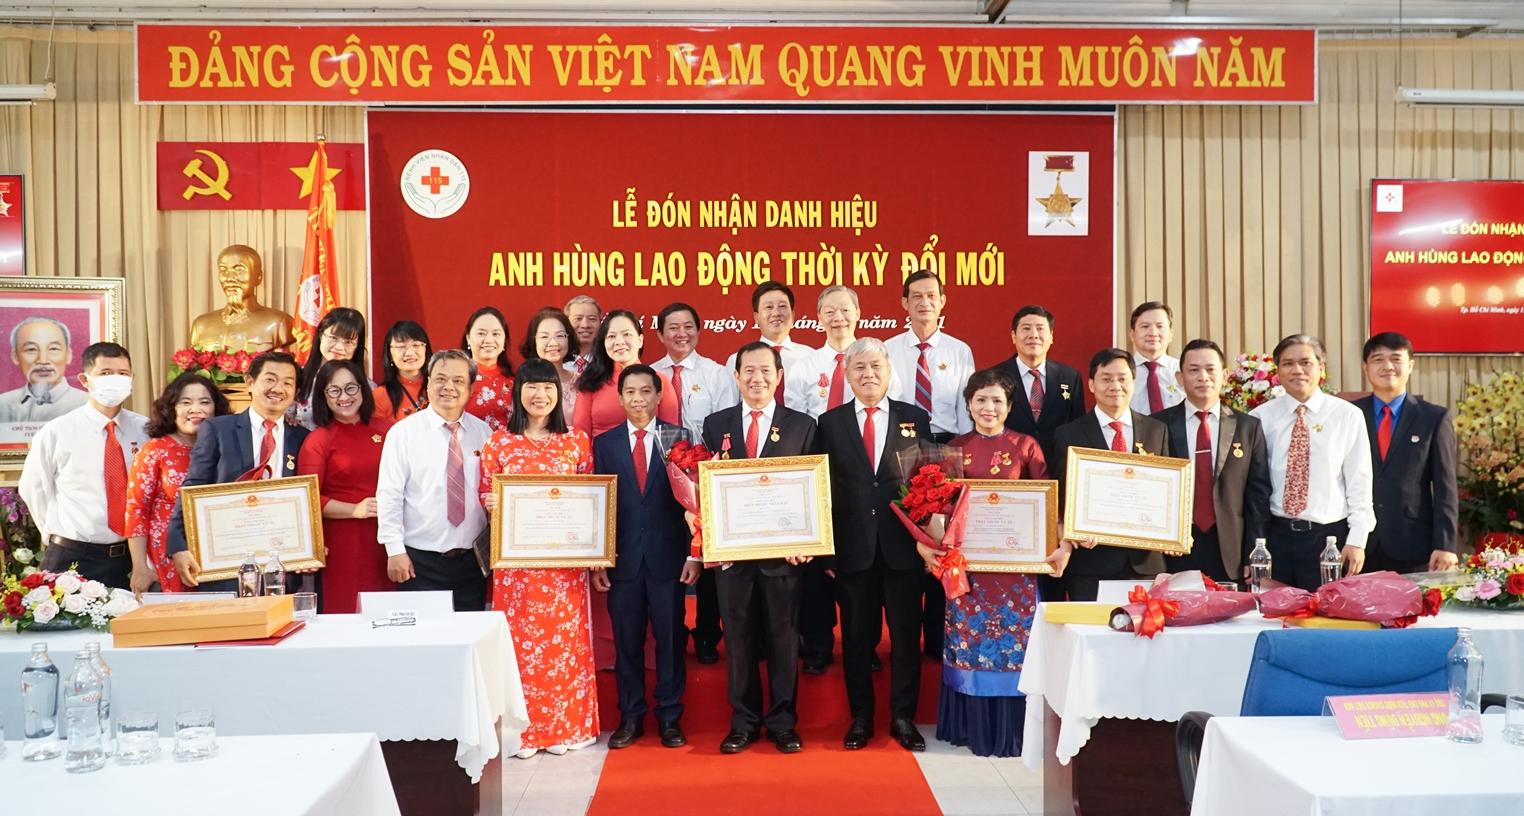 5 bác sĩ của Bệnh viện Nhân dân 115 cũng được phong tặng TTND, TTƯT